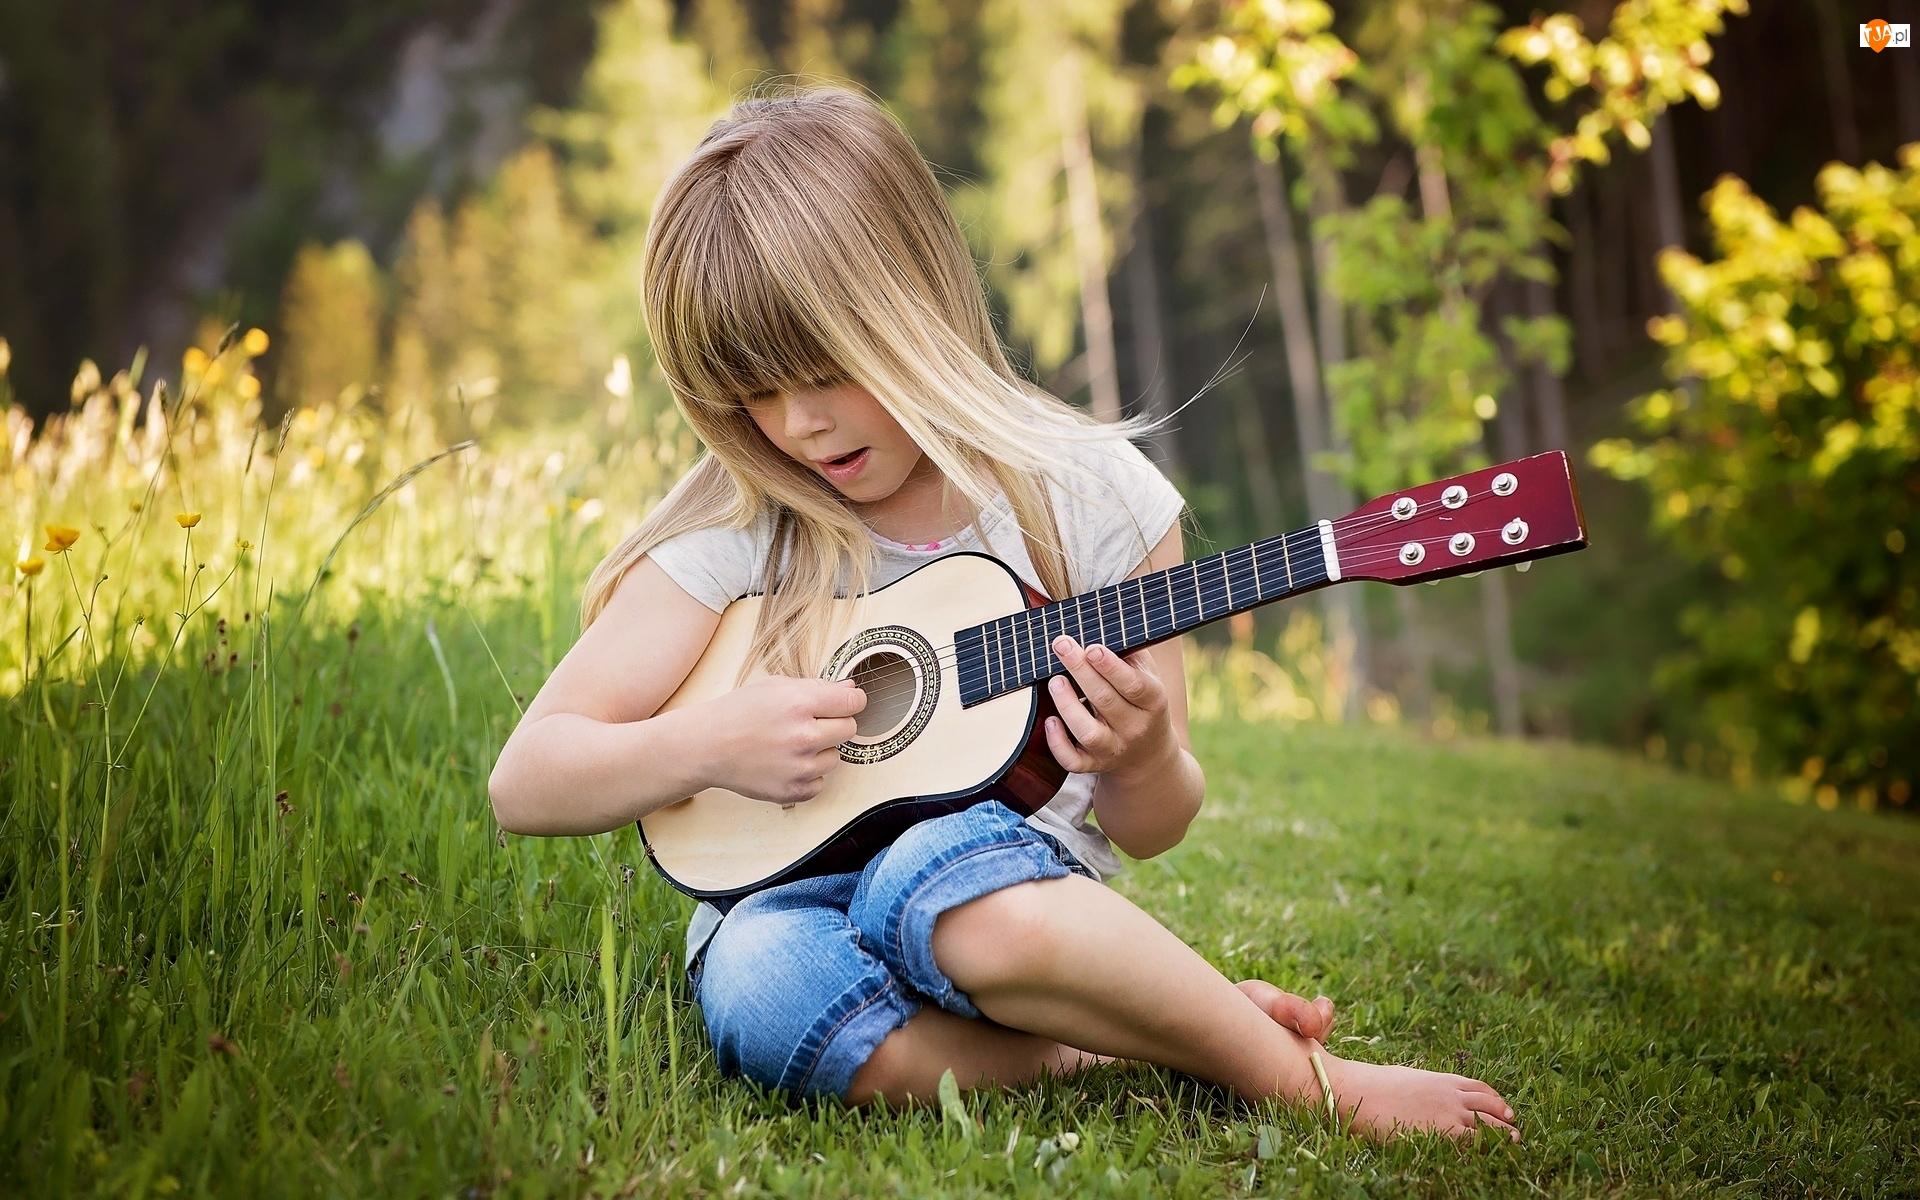 Gitara, Dziewczynka, Łąka